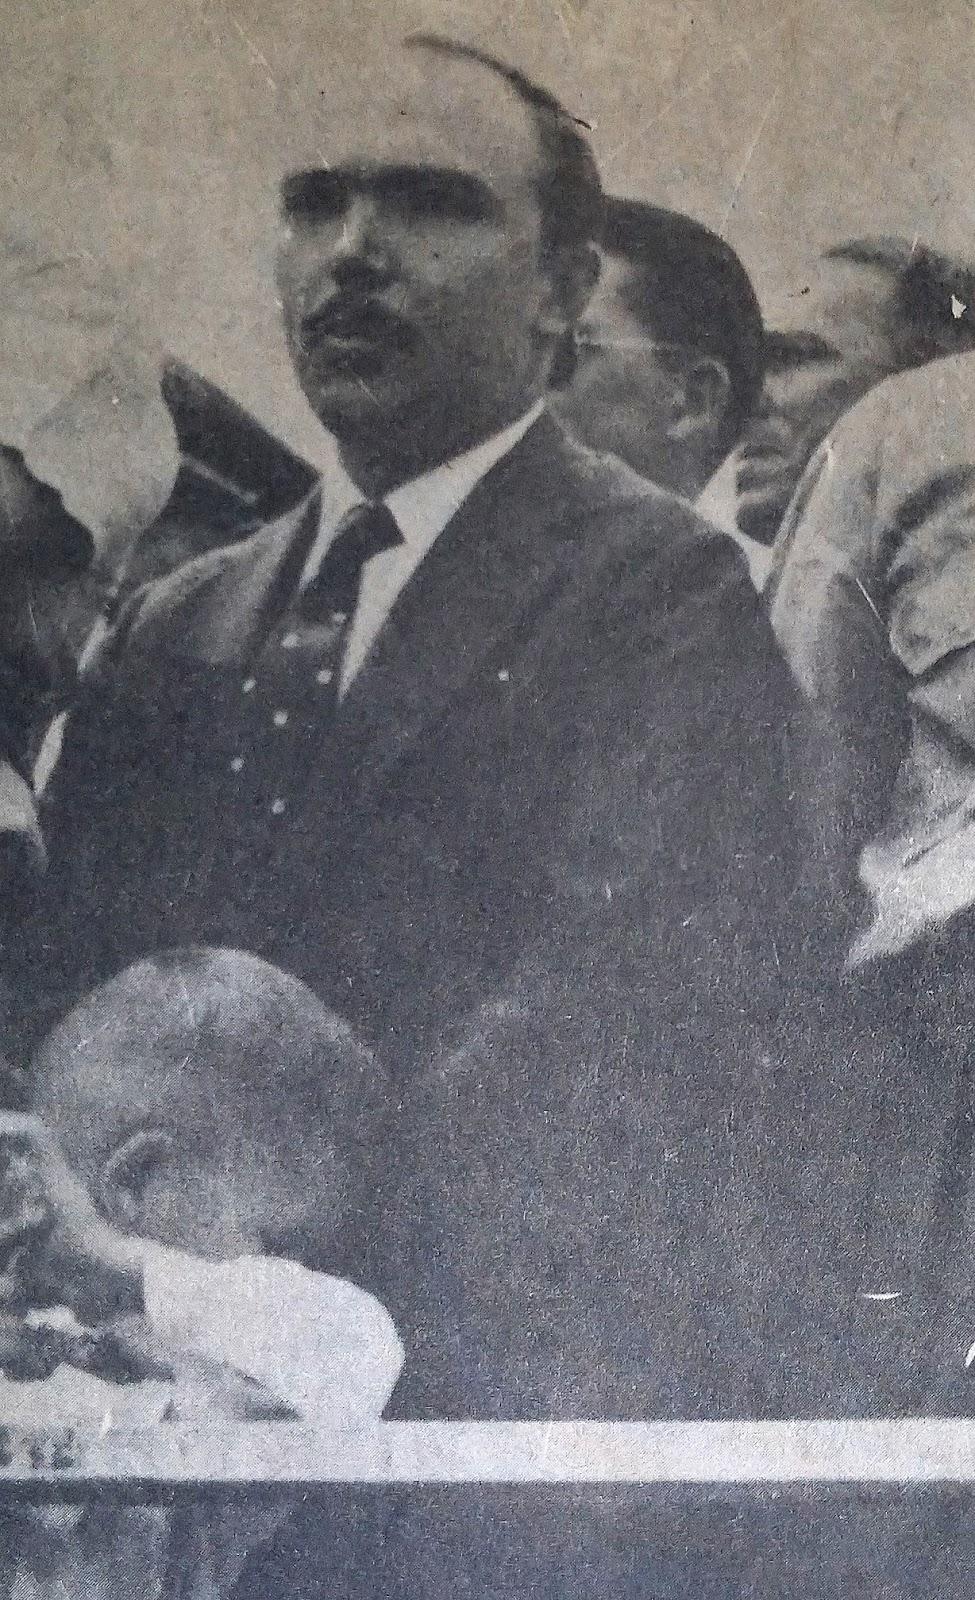 Renato Celidônio - 1969